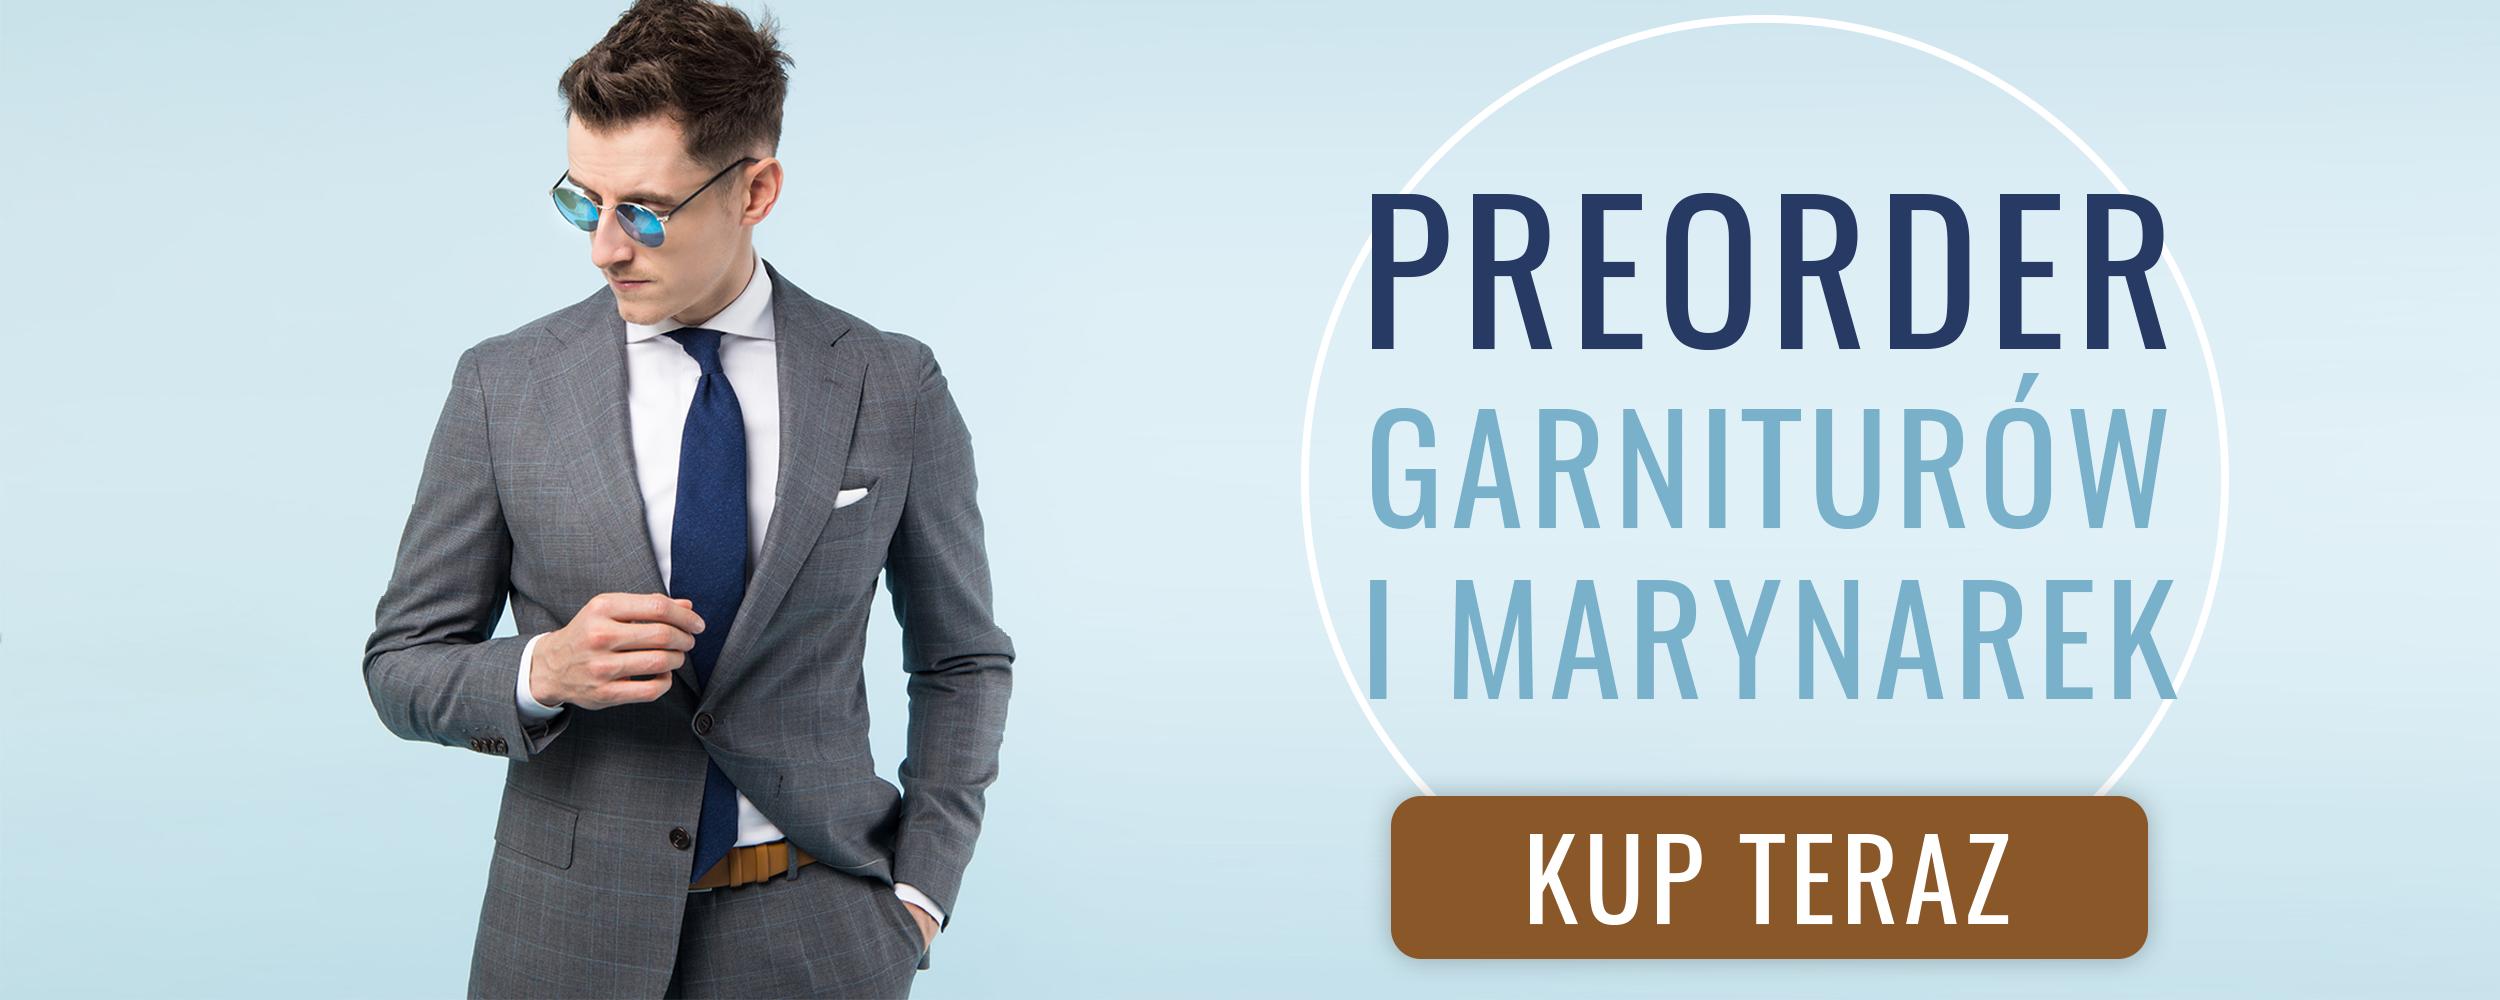 preorder_garnitury_2500x1000